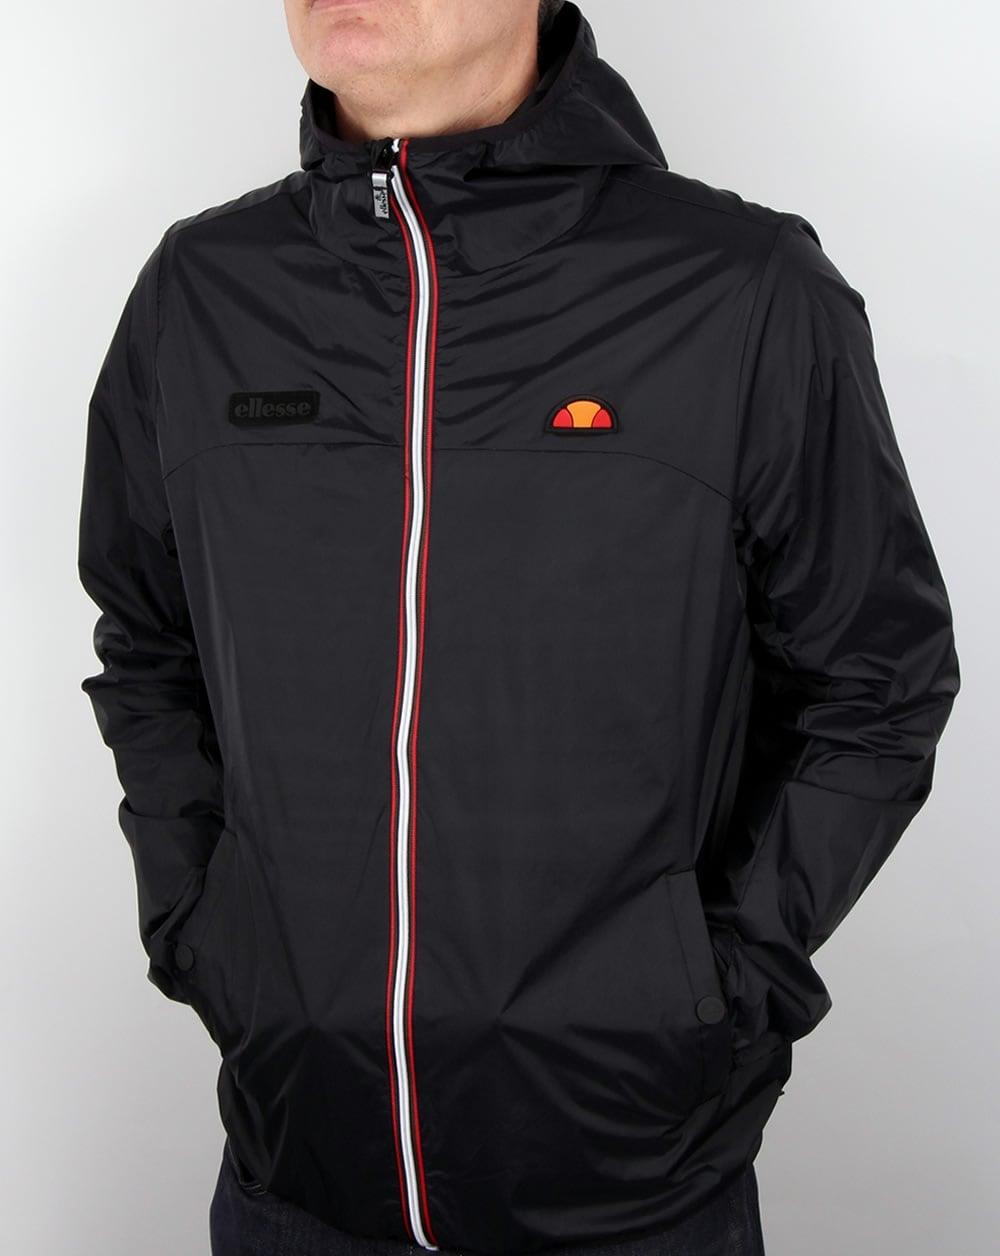 ellesse sirente jacket black hooded raincoat parka coat mens. Black Bedroom Furniture Sets. Home Design Ideas